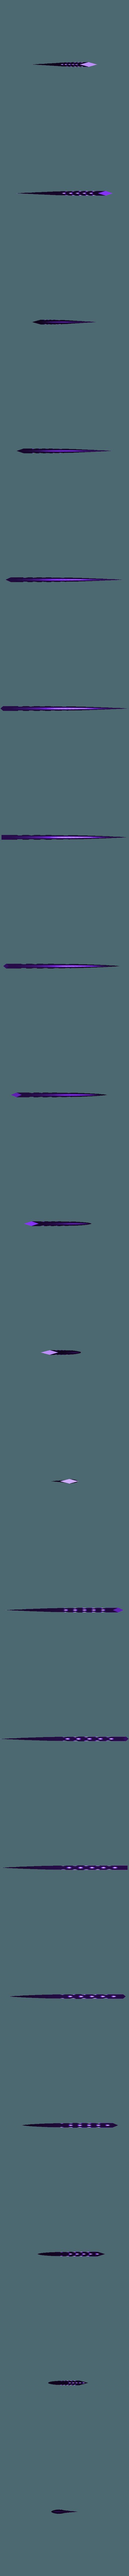 Lostvayne Blade V3.stl Télécharger fichier STL gratuit Lostvayne • Design pour imprimante 3D, 2AV_Apollyon